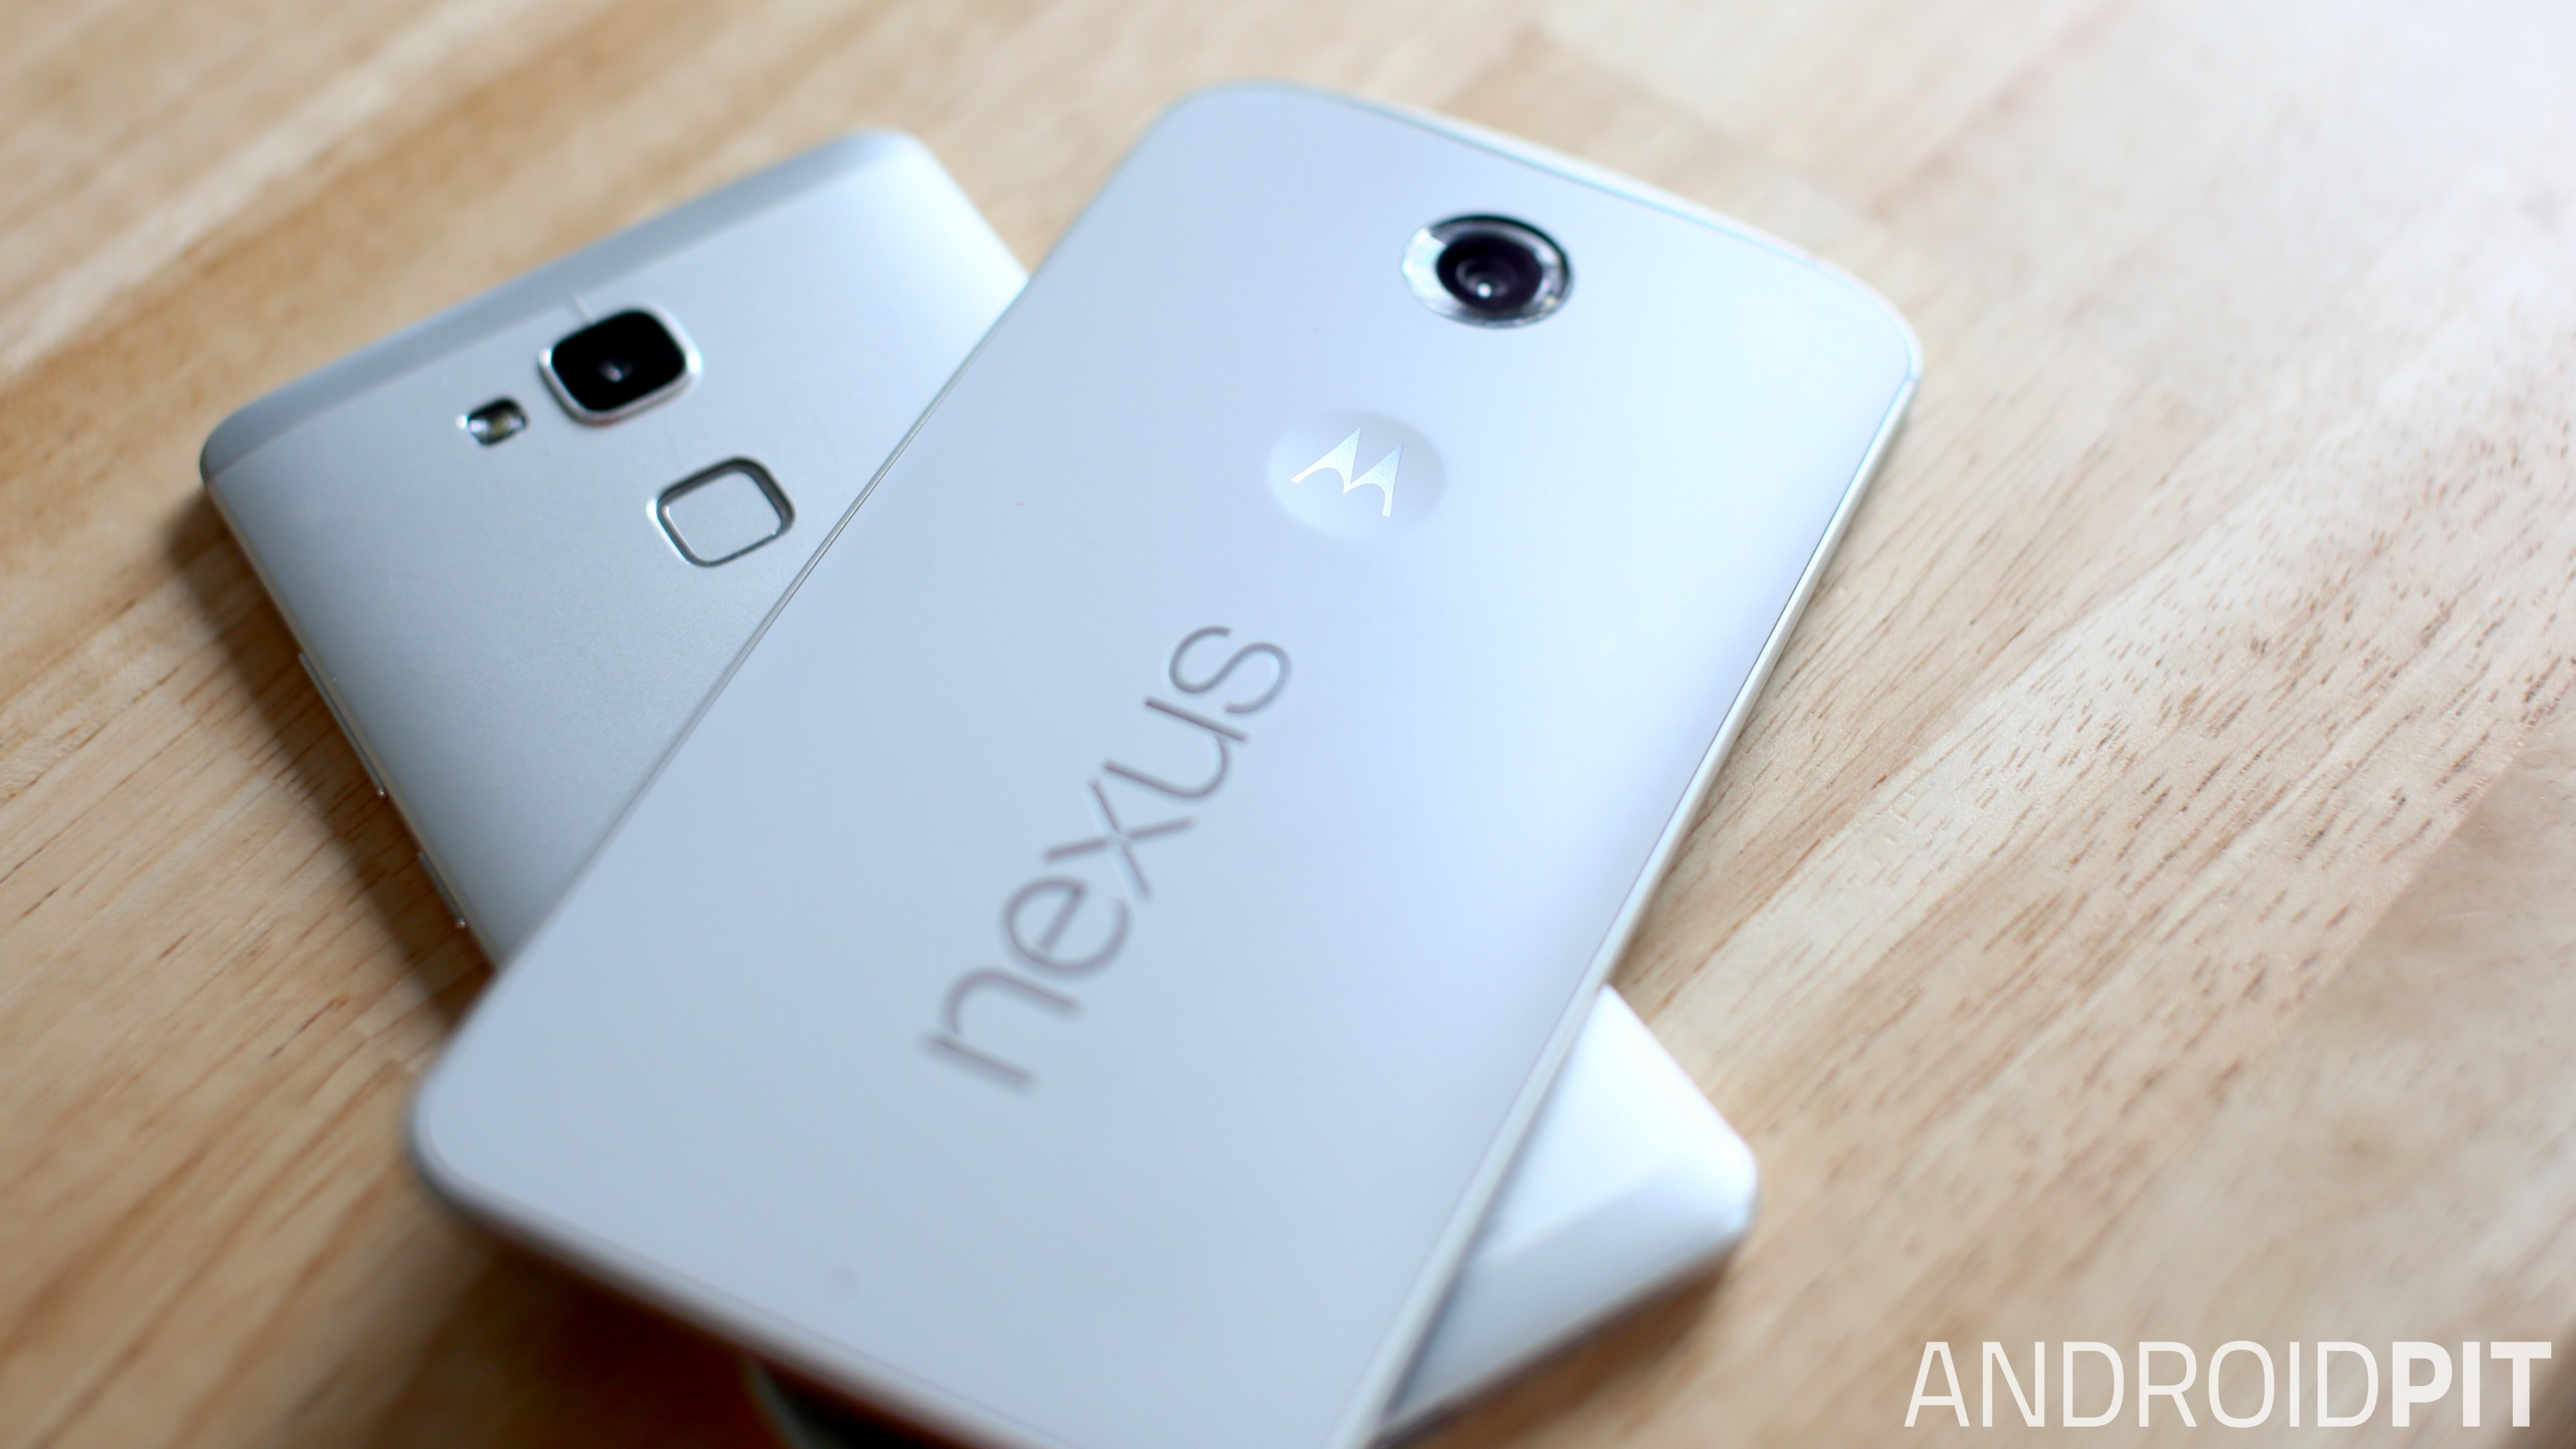 Vr Headset Comparison >> Nexus 6 vs Nexus 6 (2015) comparison: how will the new ...